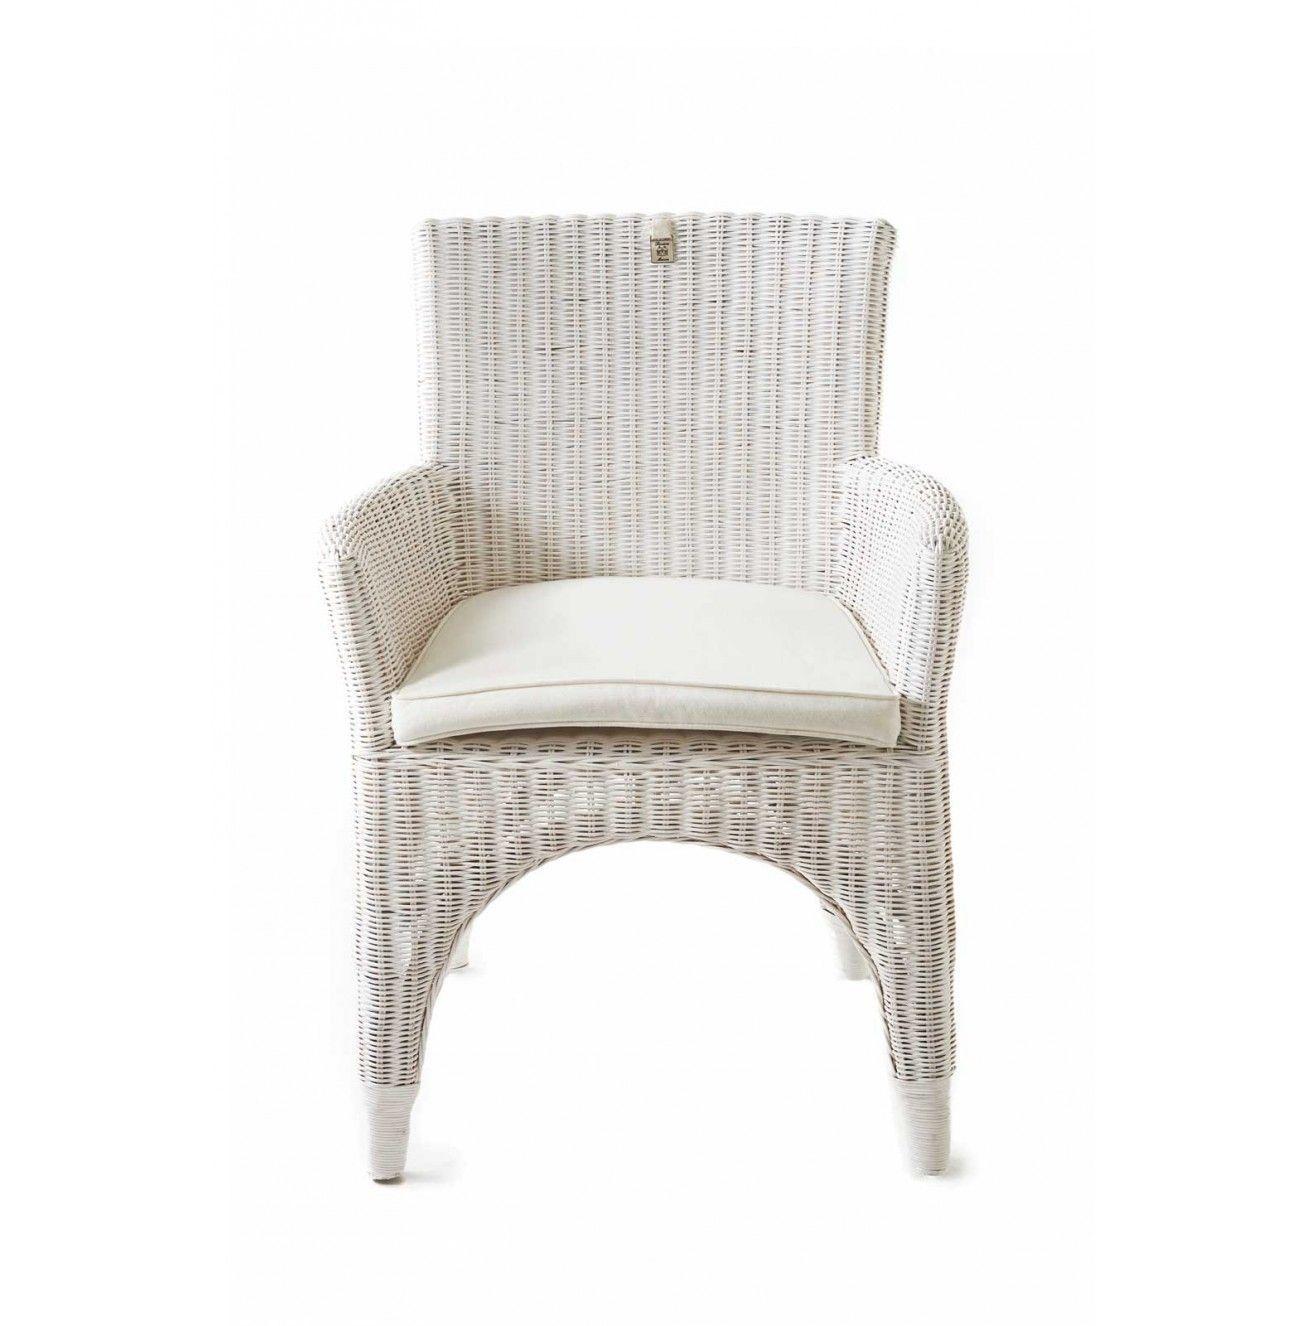 Ratanová jedálenská stolička The Hamptons White